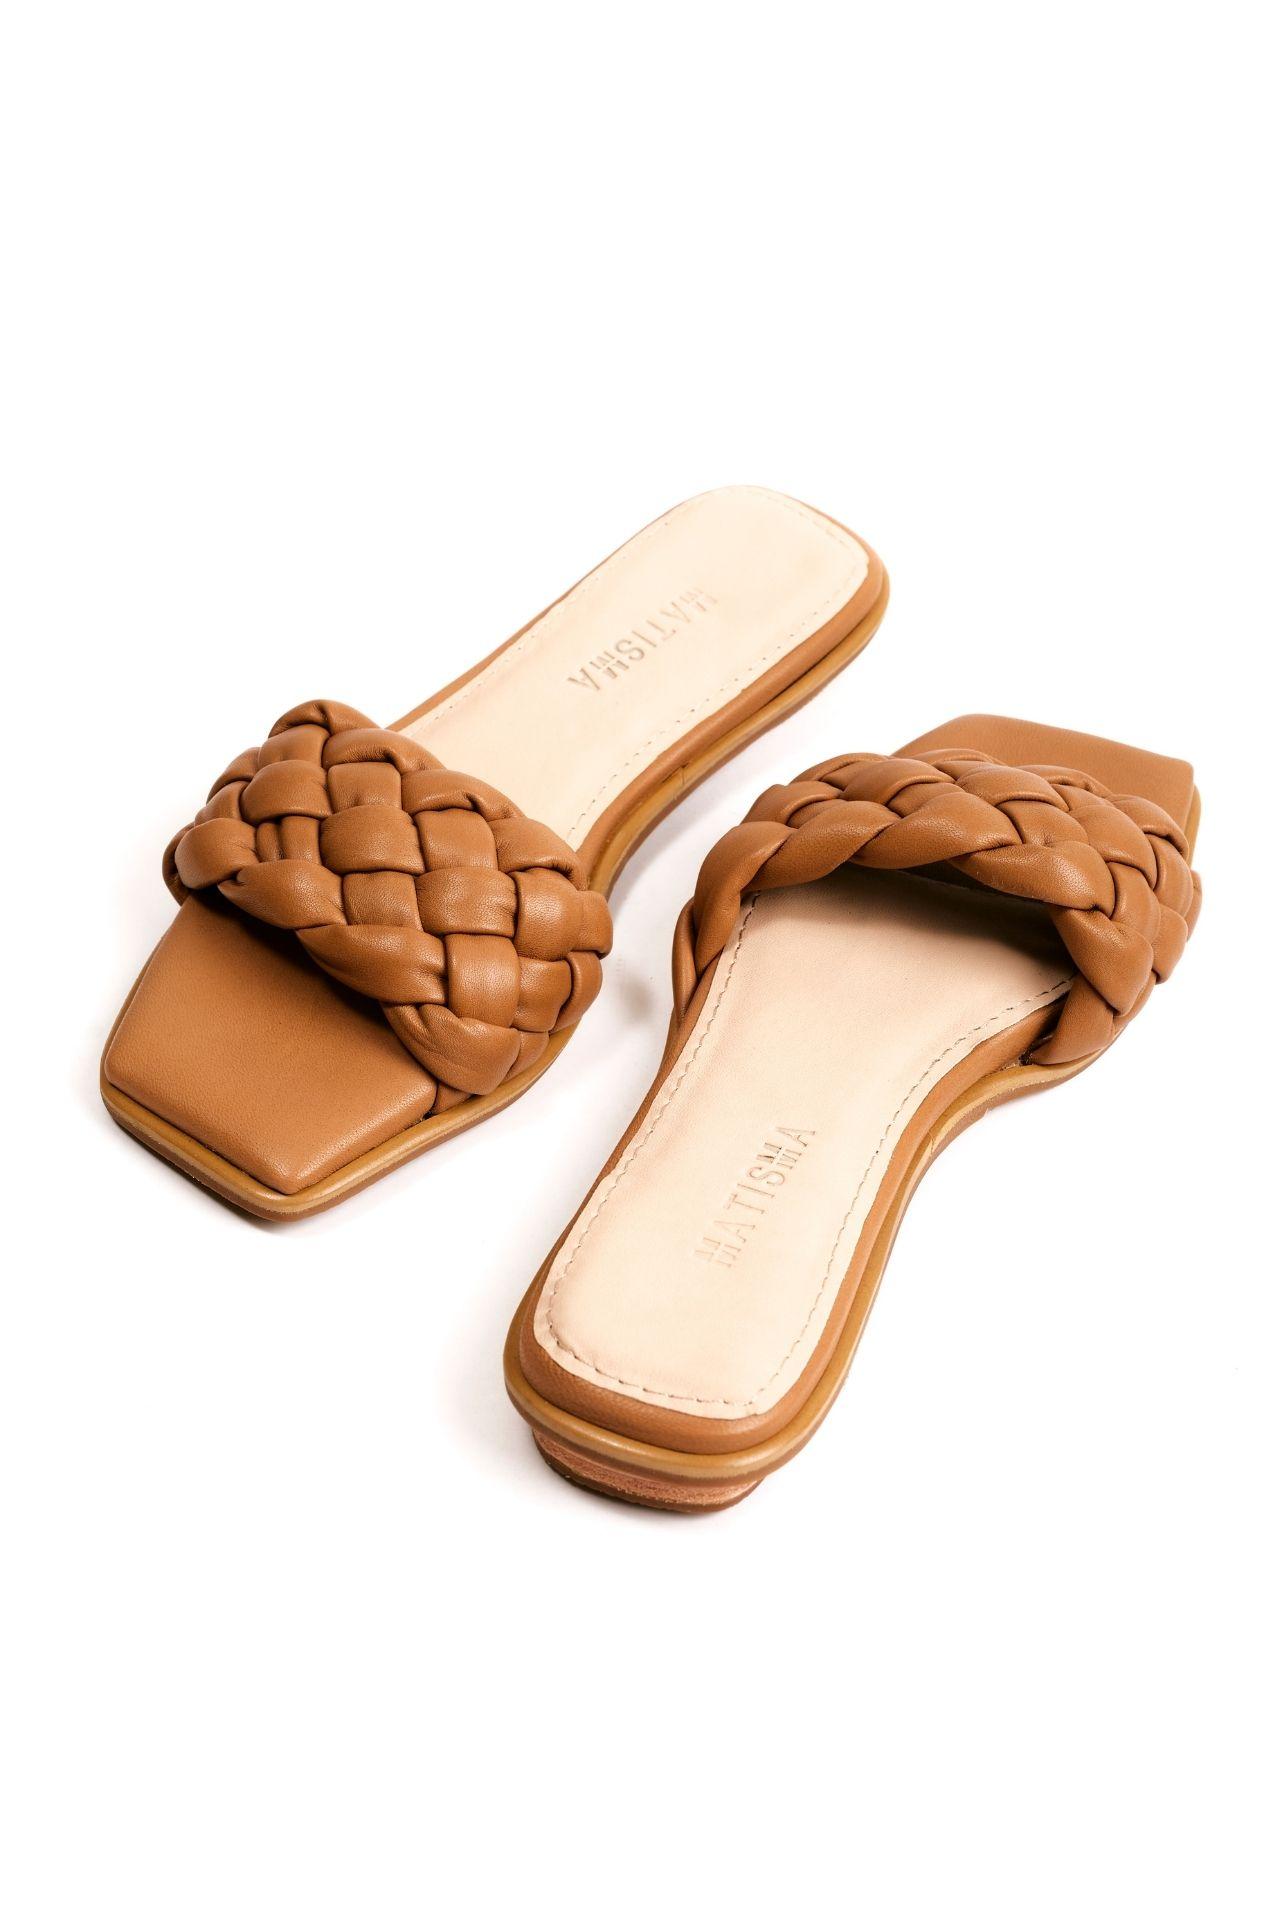 Sandalias con una franja trenzada de cuero camel  CAPELLADA: CUERO NATURAL / FORRO: BADANA NATURAL